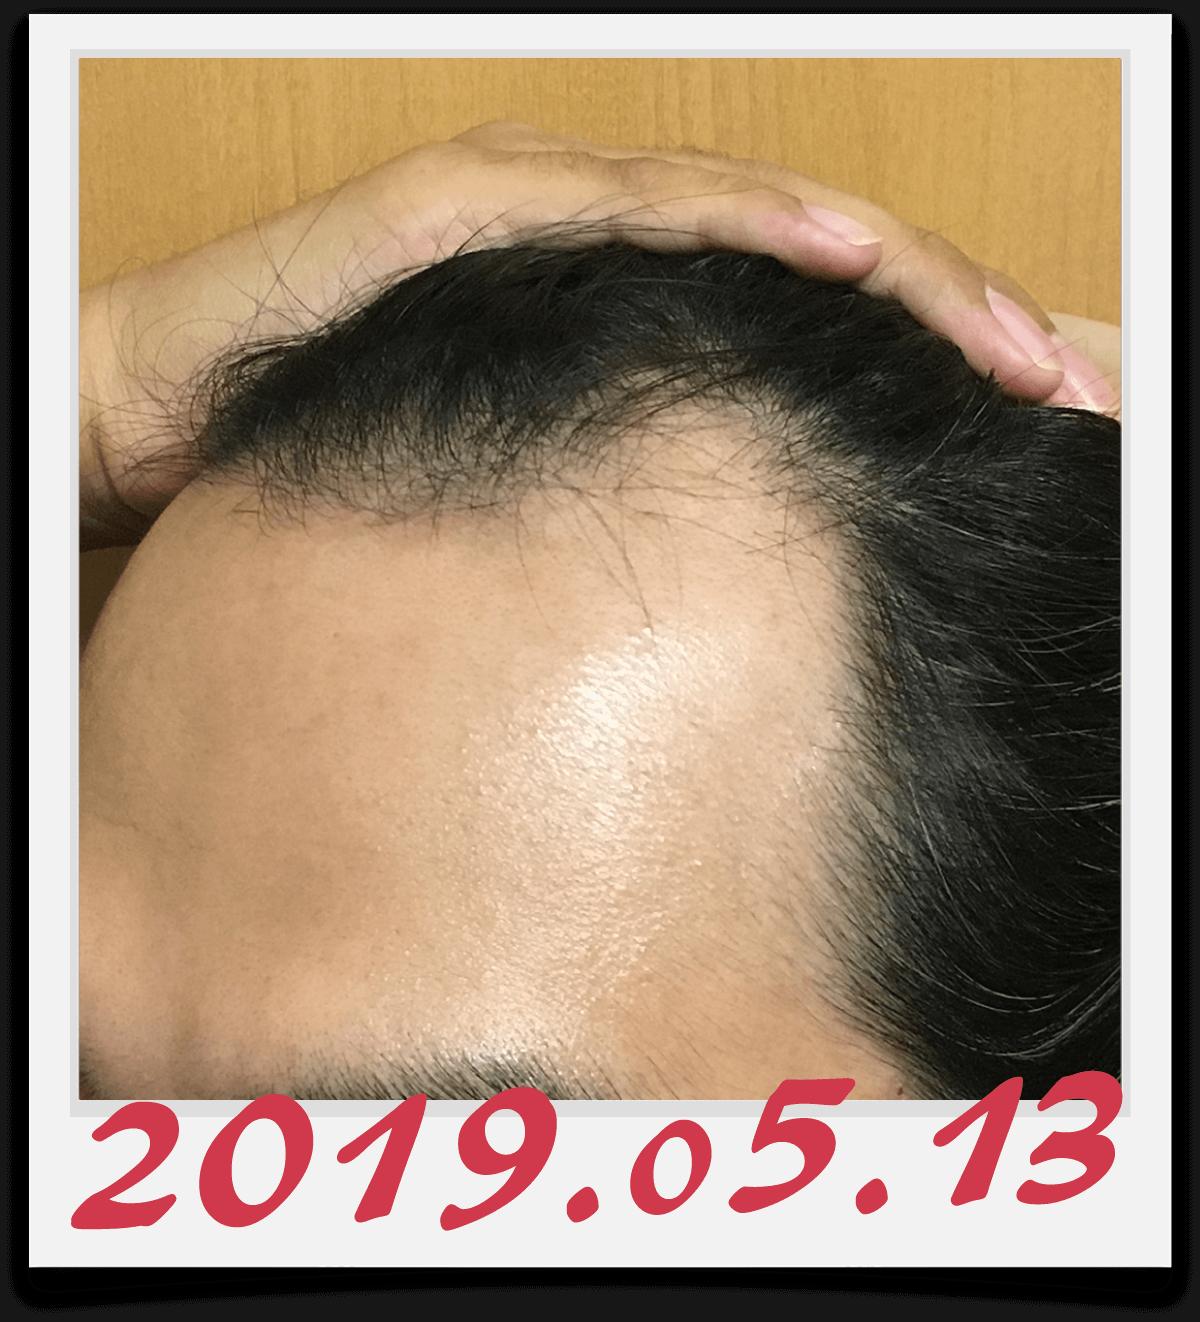 2019年5月13日に撮影した左側の生え際